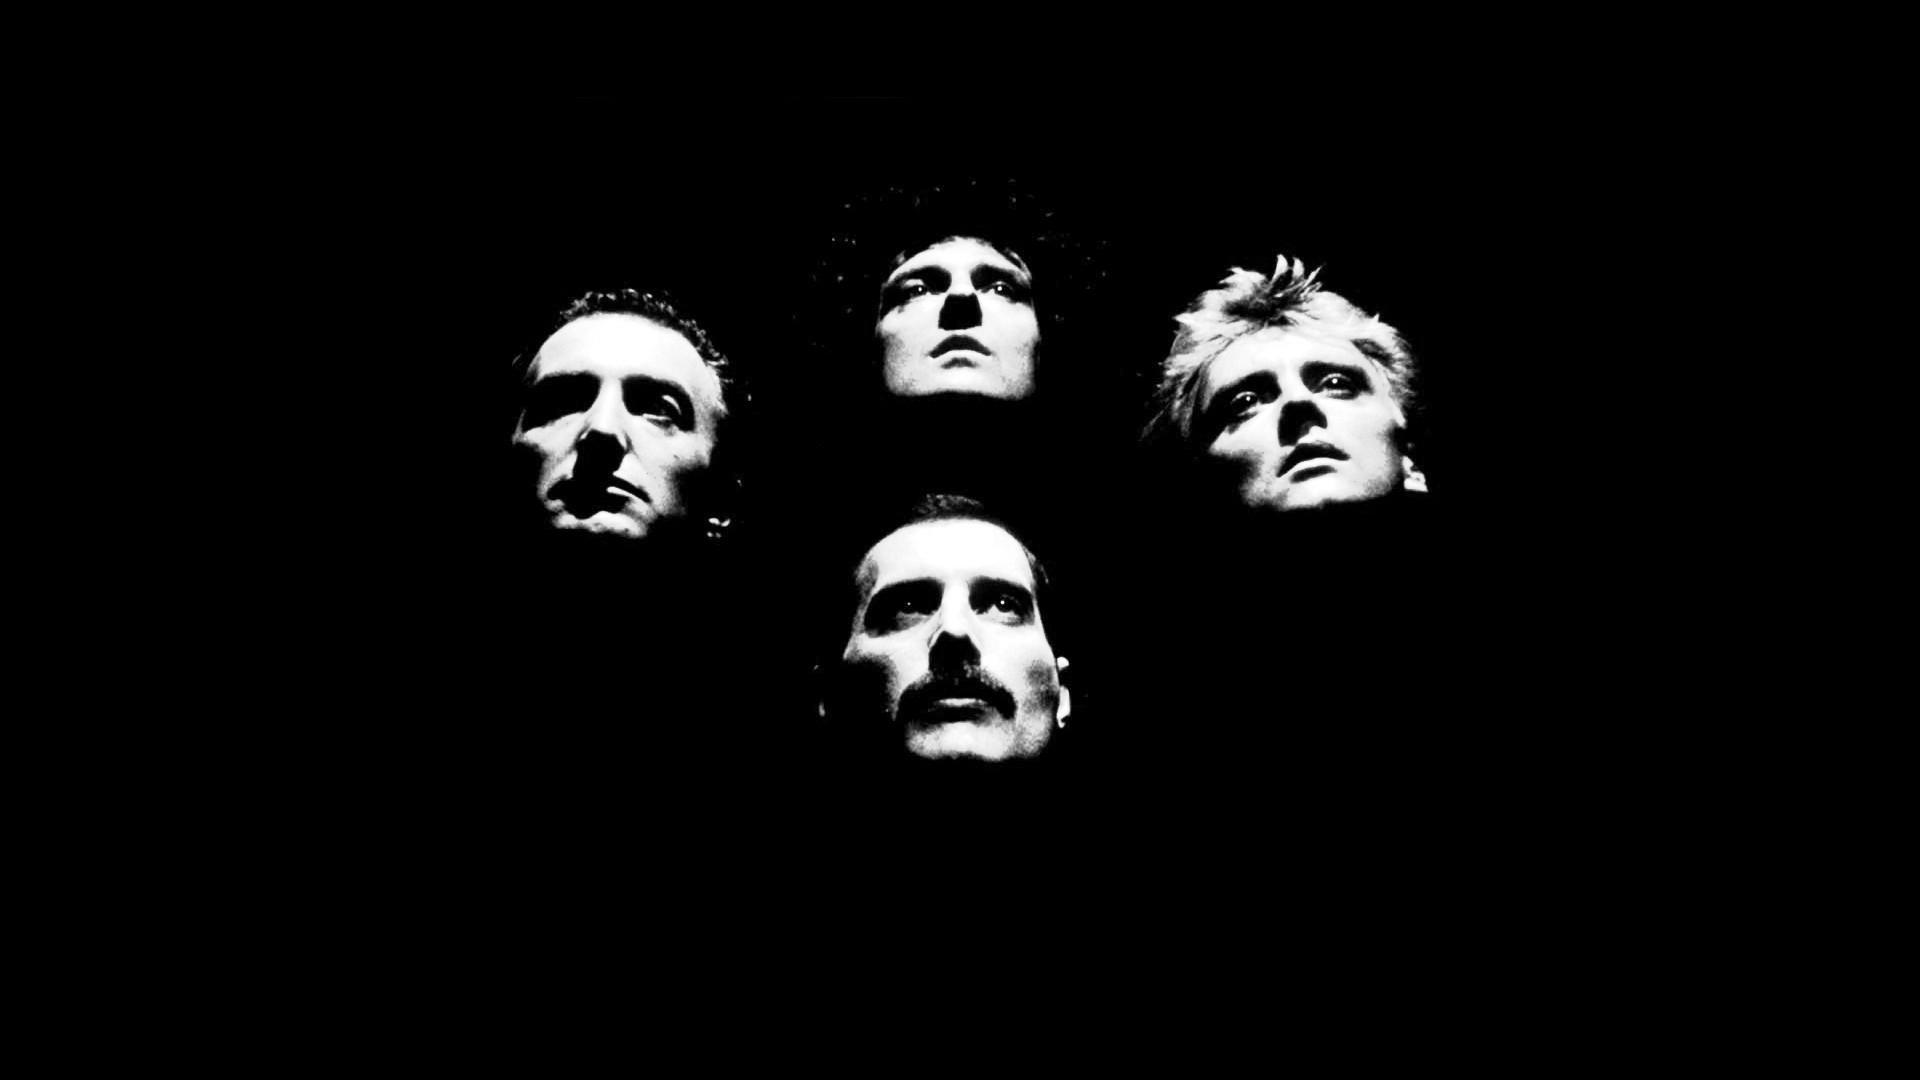 皇后乐队黑色风格壁纸